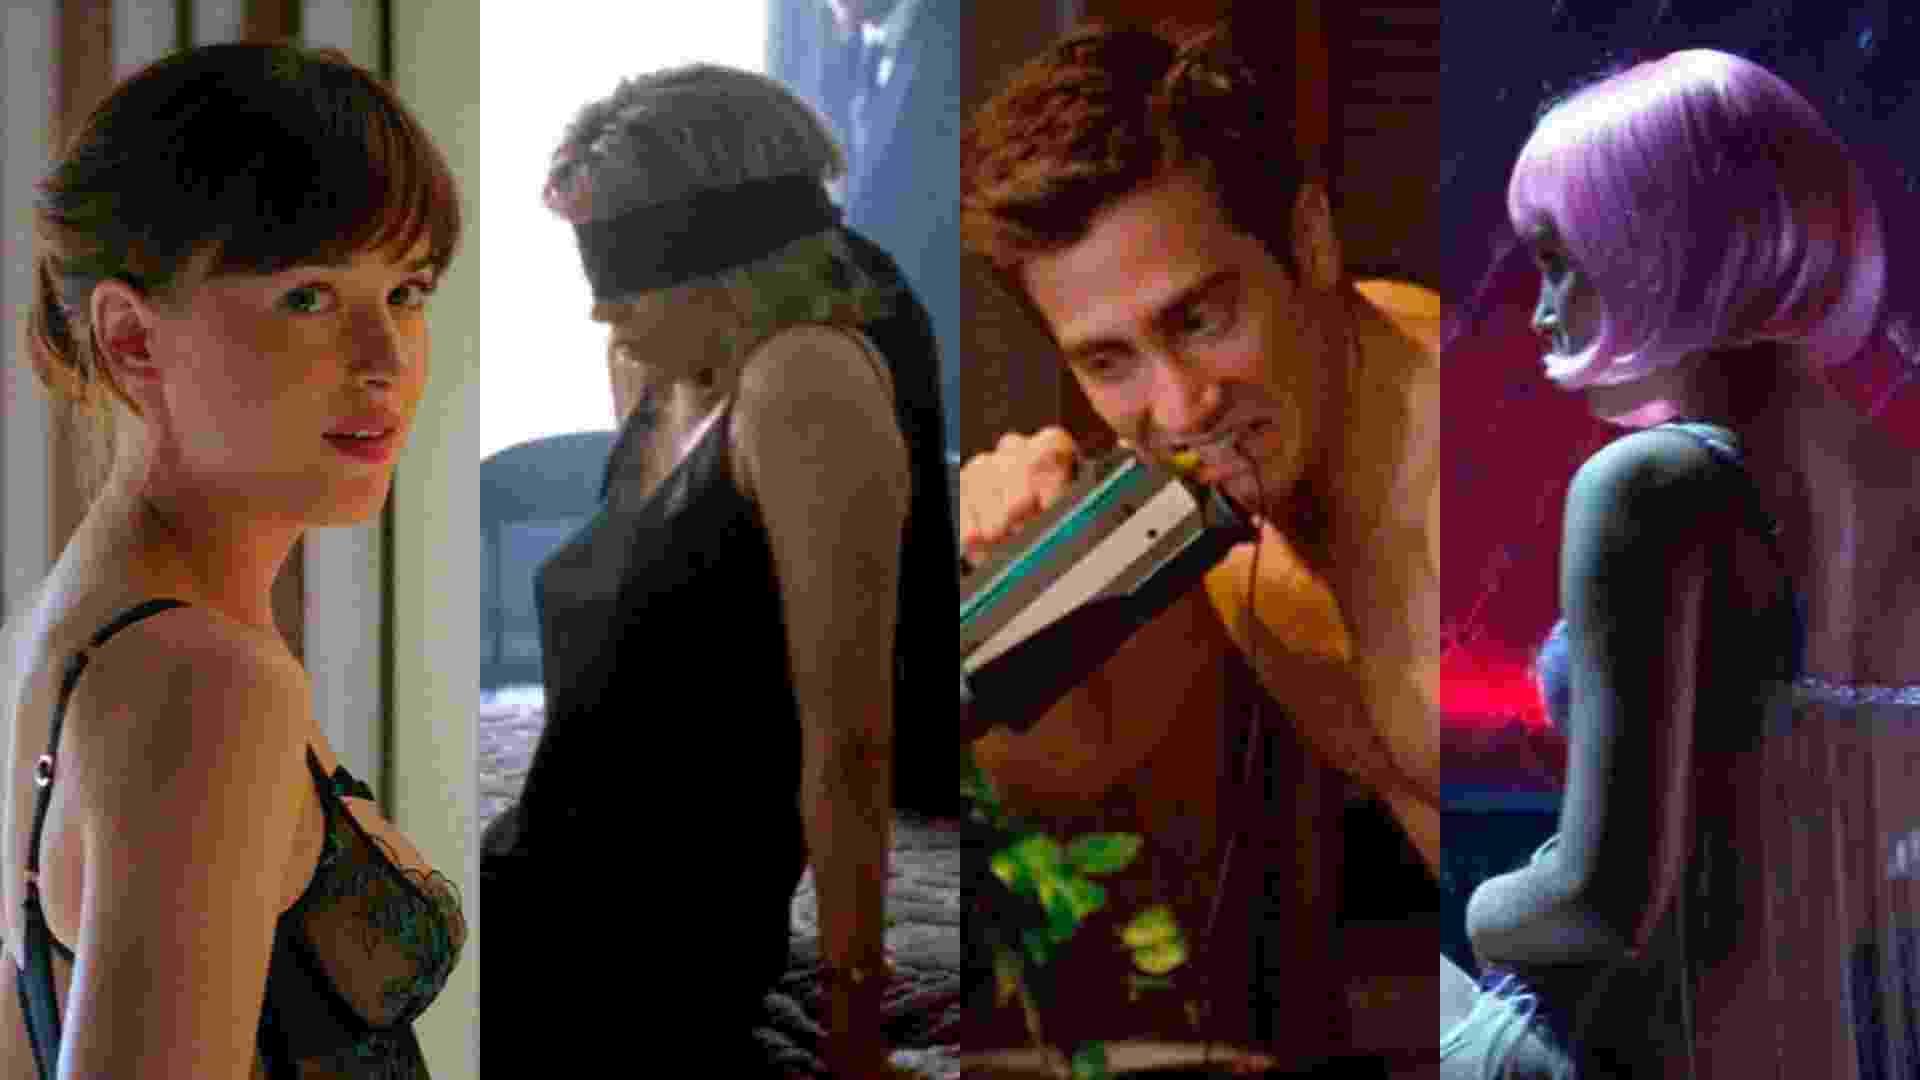 """Cenas dos filmes """"Cinquenta Tons Mais Escuros"""" (2017), de James Foley; """"9 1/2 Semanas de Amor"""" (1986), de Adrian Lyne; """"Amor e Outras Drogas"""" (2010), de Edward Zwick e """"Closer: Perto Demais"""" (2004), de Mike Nichols - Reprodução/Montagem"""